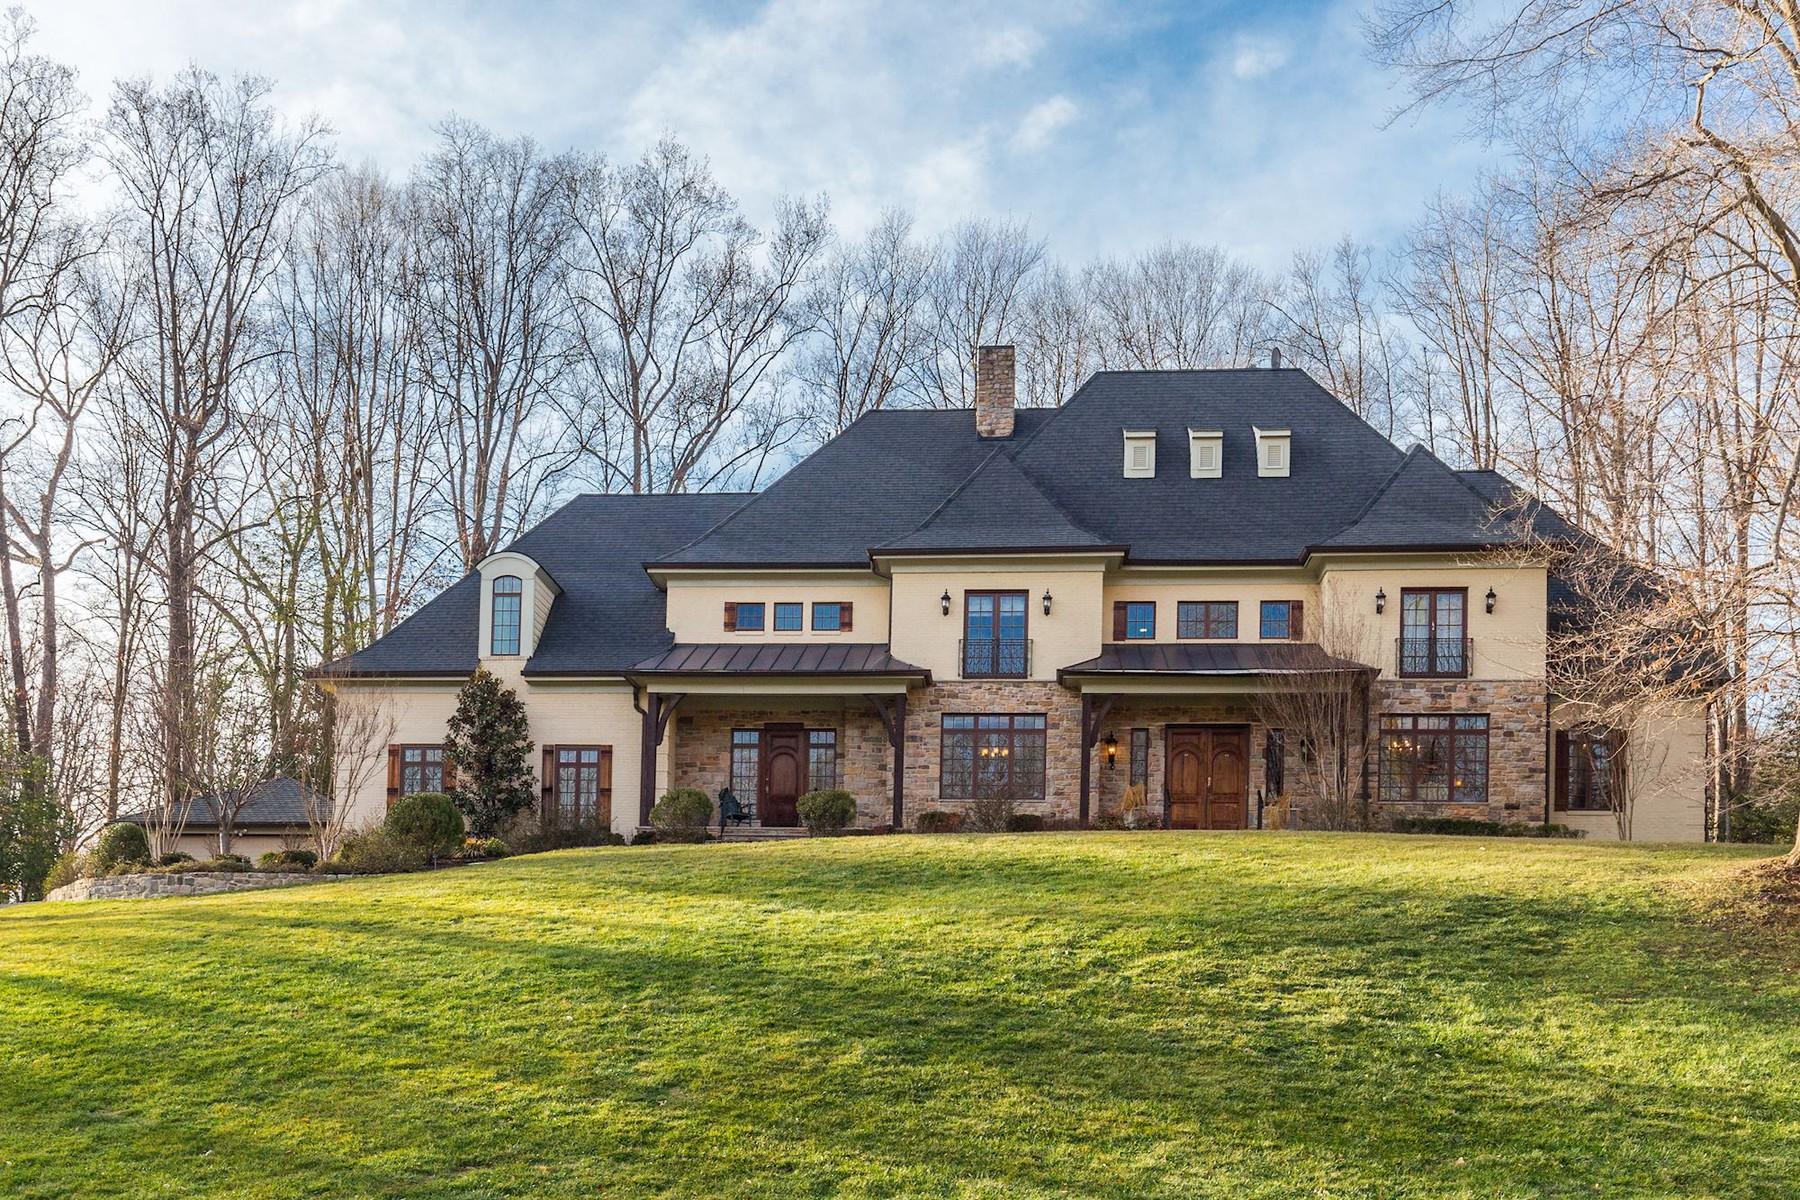 Частный односемейный дом для того Продажа на 7629 Burford Drive, Mclean McLean, Виргиния, 22102 Соединенные Штаты